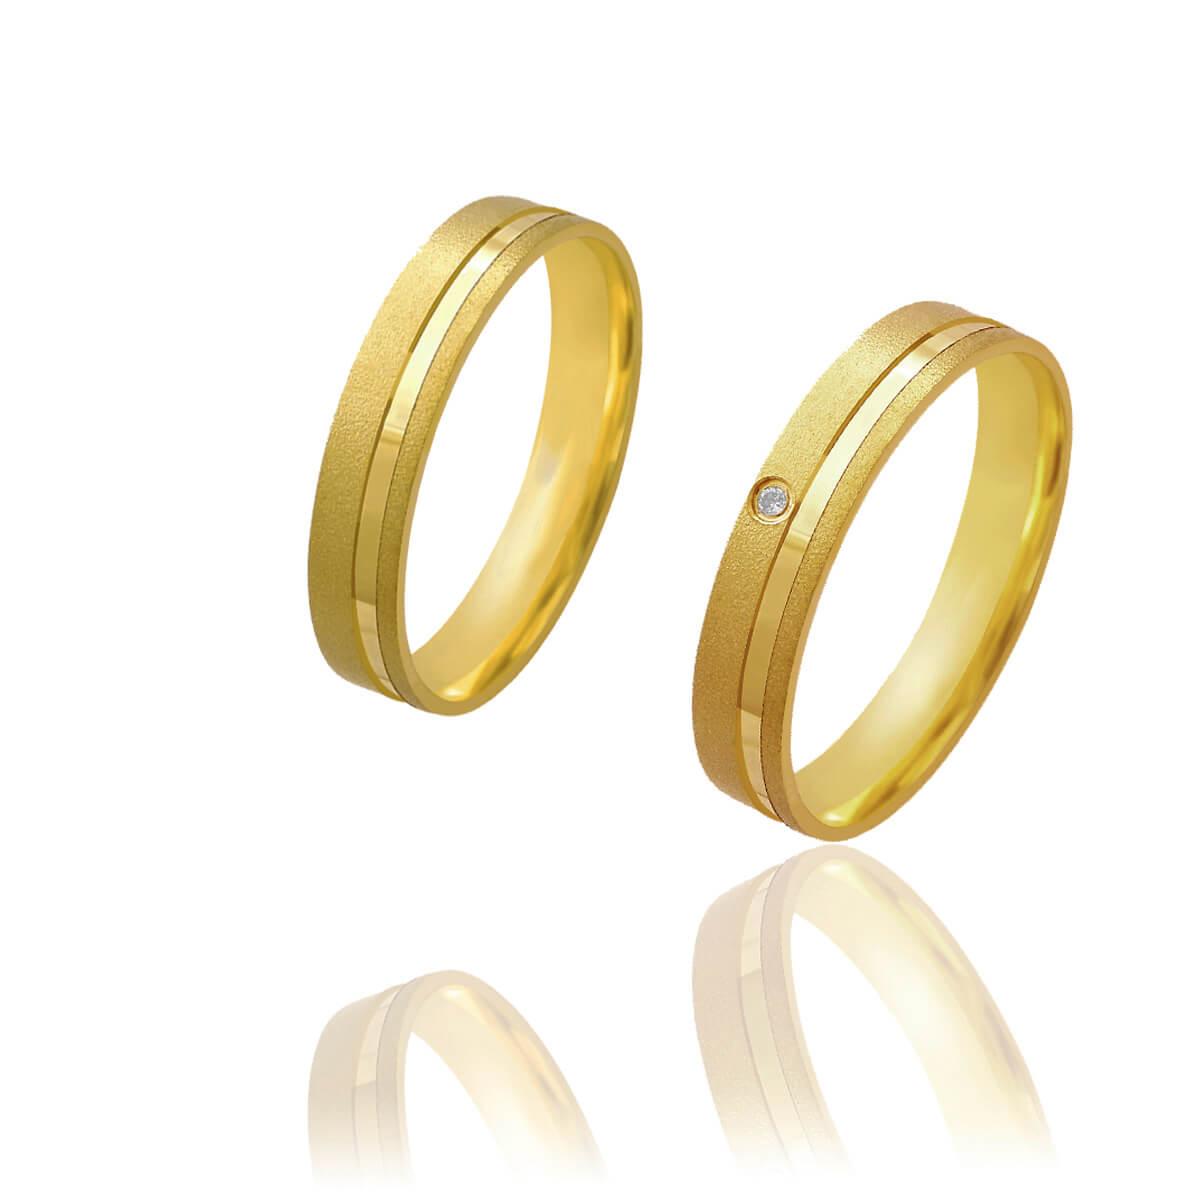 Par de Alianças de Casamento Afrodite Ouro 18k Diamantado com Friso e Brilhante 5 mm 5g